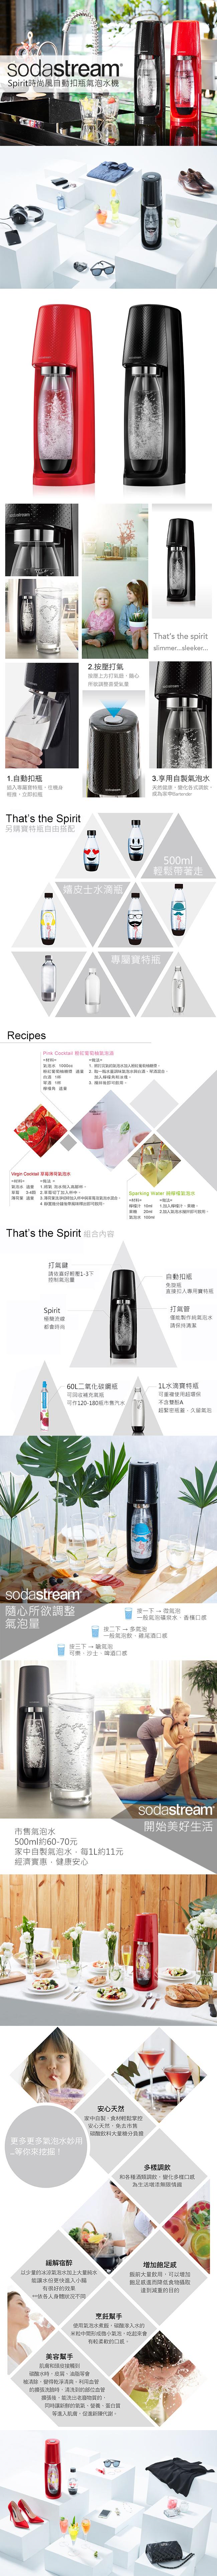 Sodastream Spirit 氣泡水機 自動扣瓶 汽水機 蘇打水製造機